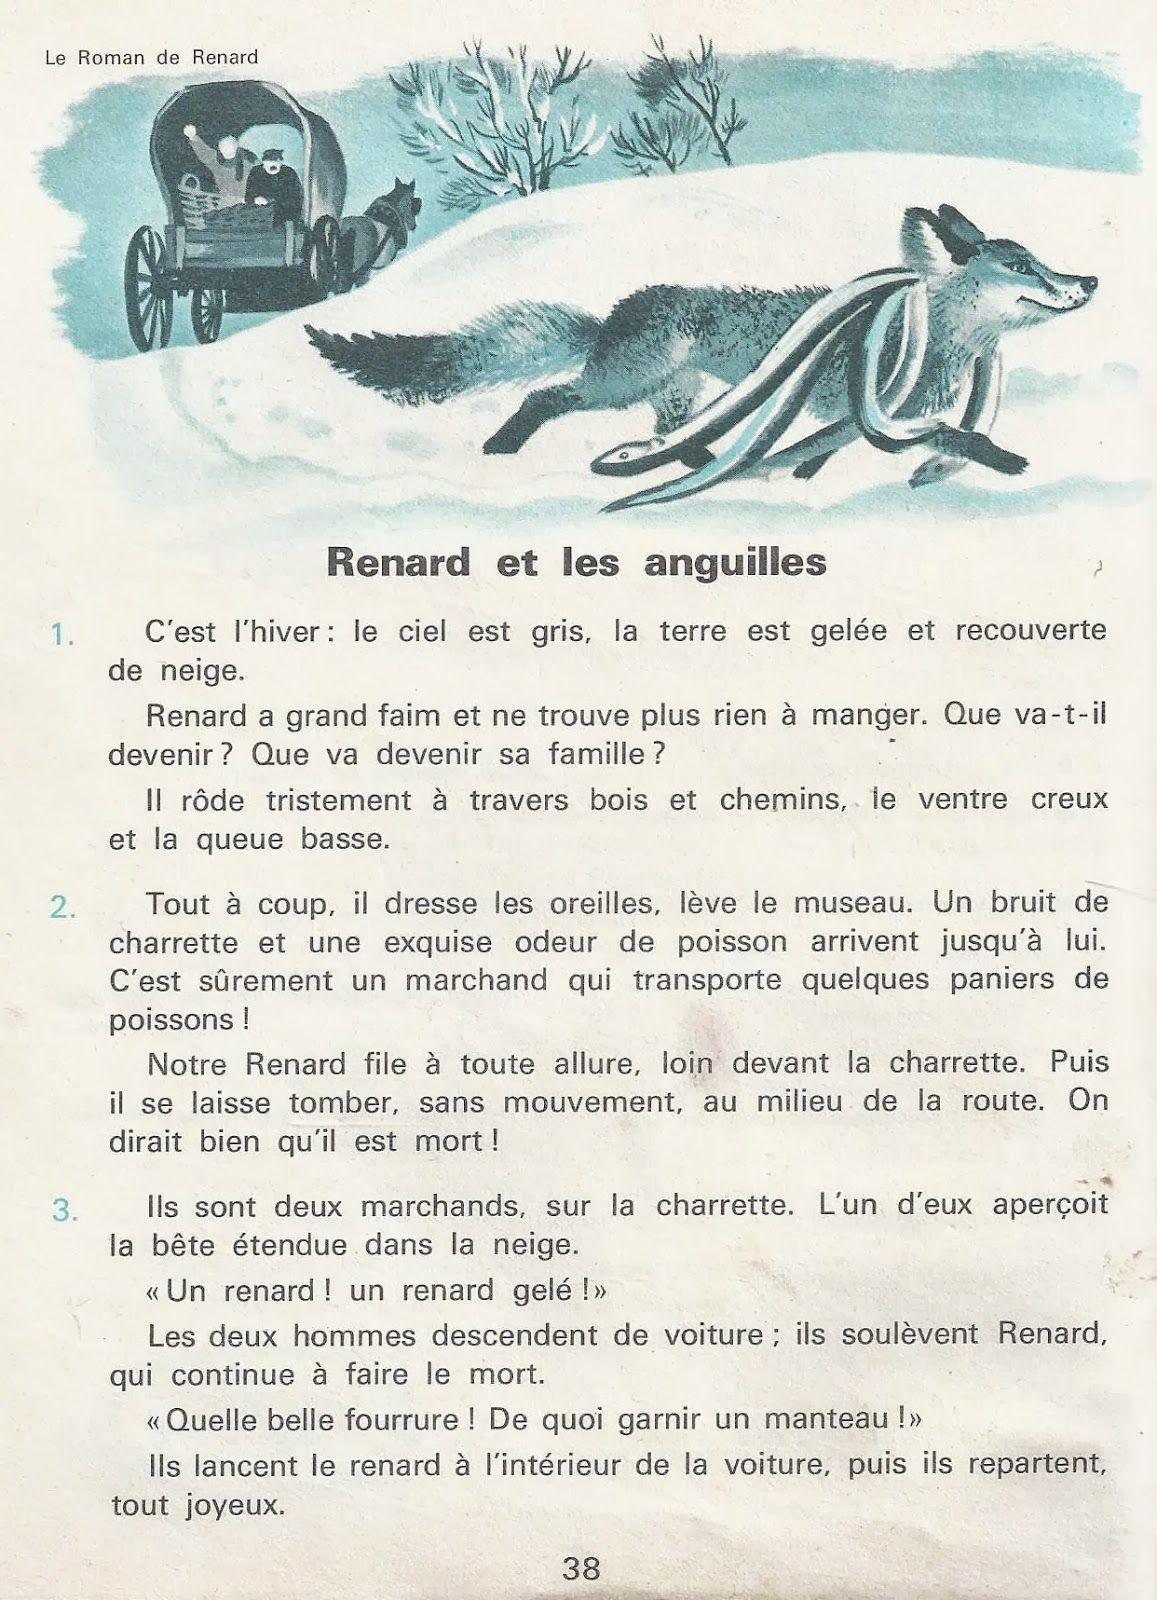 4 Aventures De Renard Le Roman De Renart Roman De Renart L Education Francaise Roman